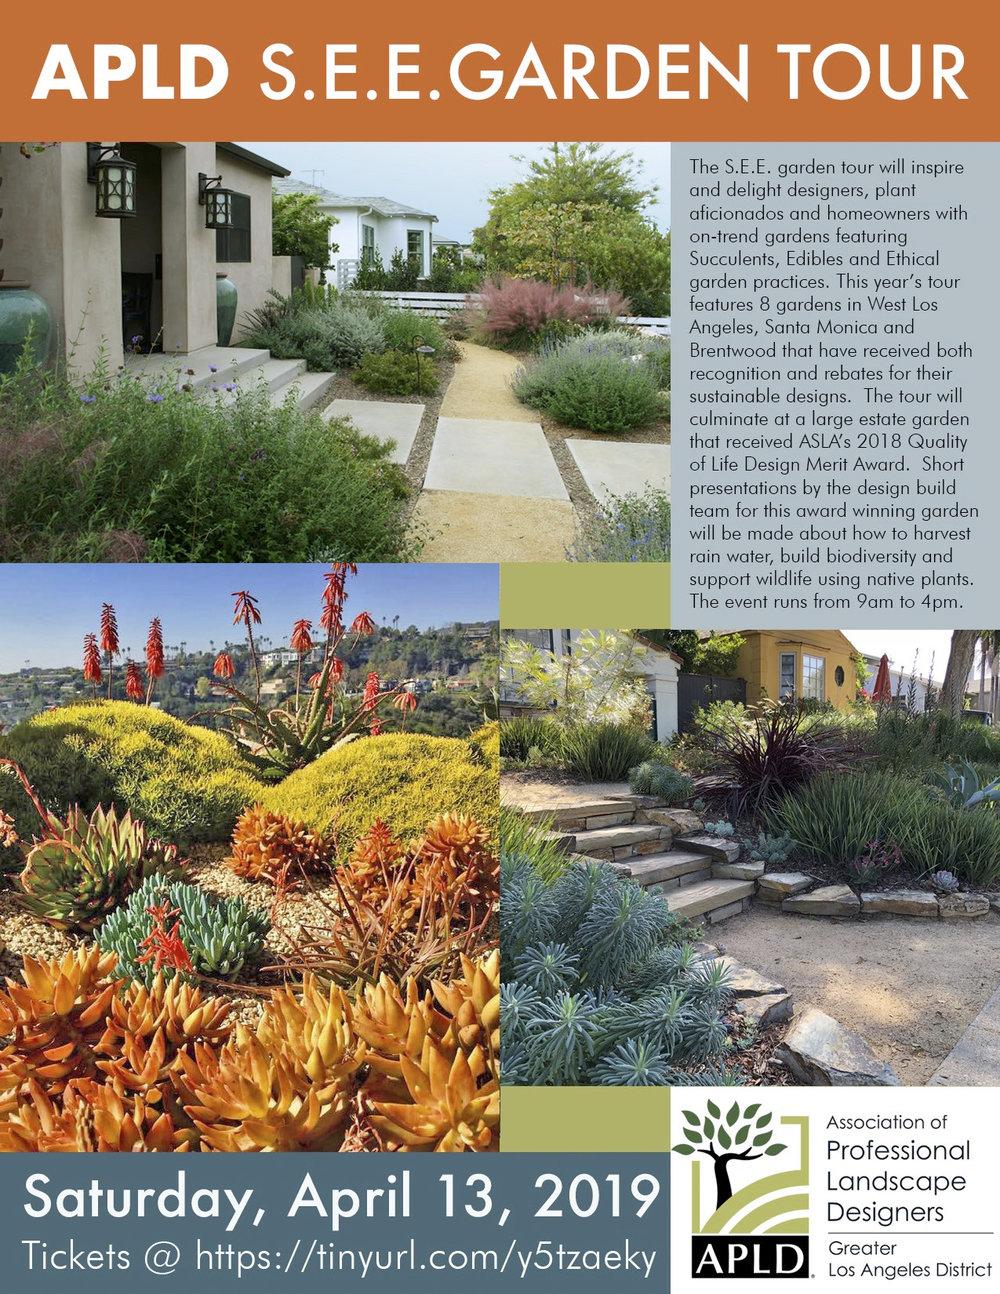 GardenTour.jpg